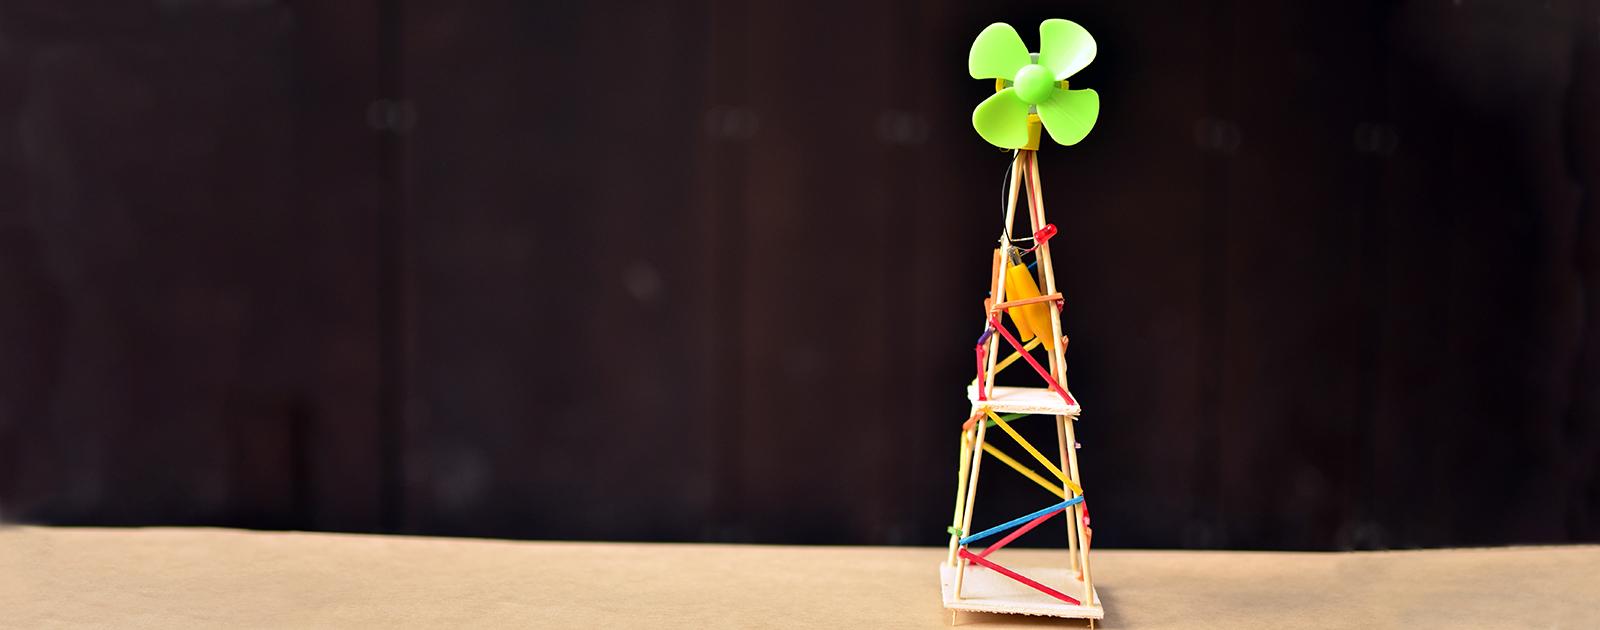 Fabrique ta mini éolienne